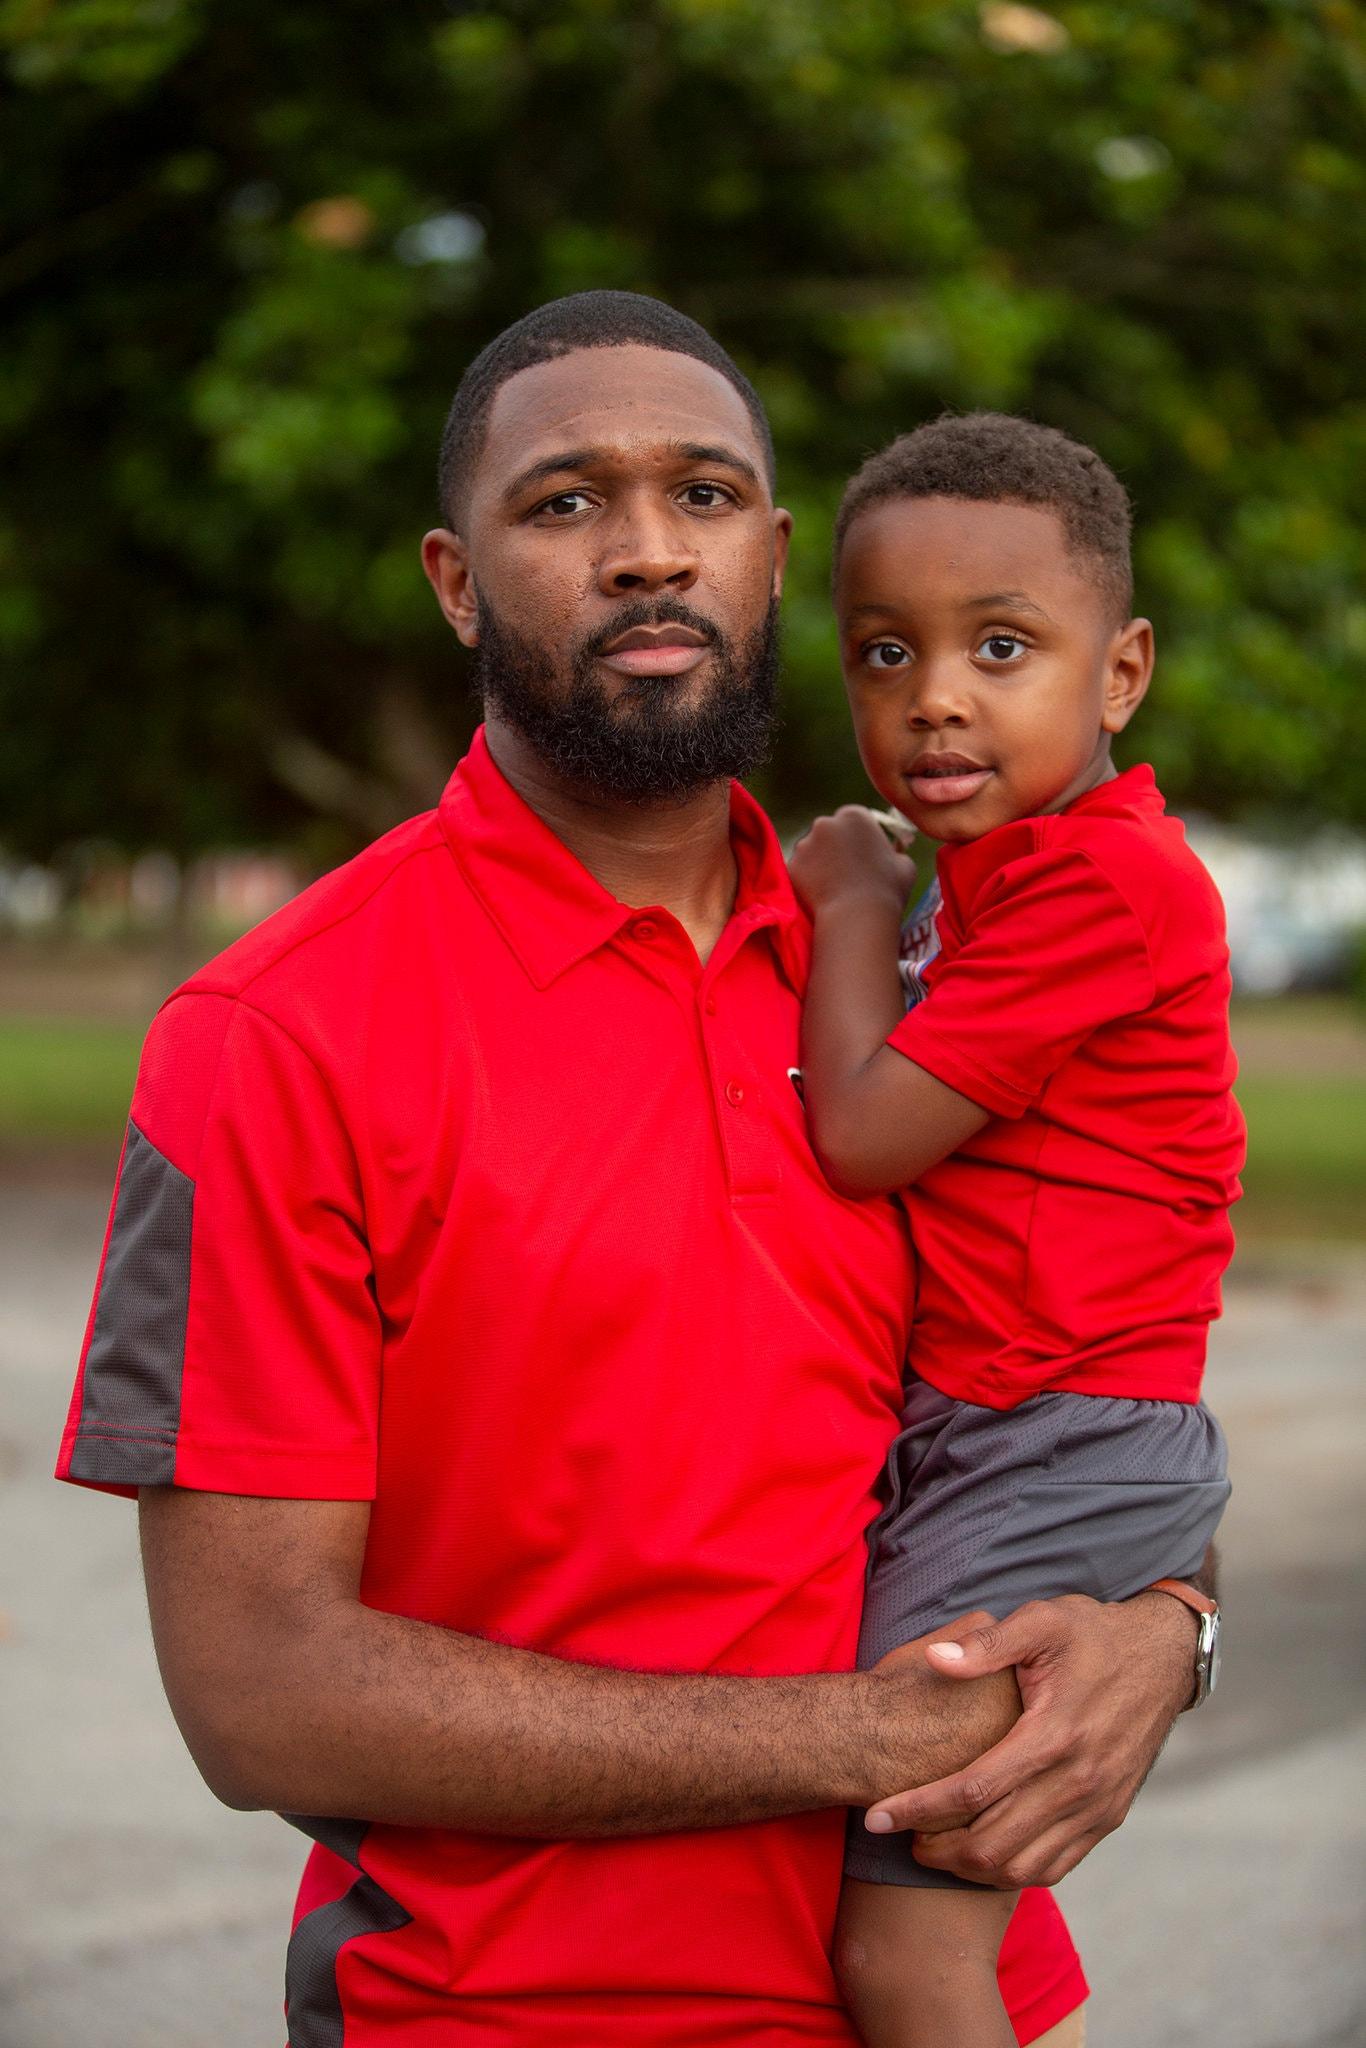 Джастин Пауэлл и его сын. «Нам нужно, чтобы вы ушли в отставку, сэр», - сказал мистер Пауэлл мэру Петала, который также был его бывшим учителем, на недавней встрече.